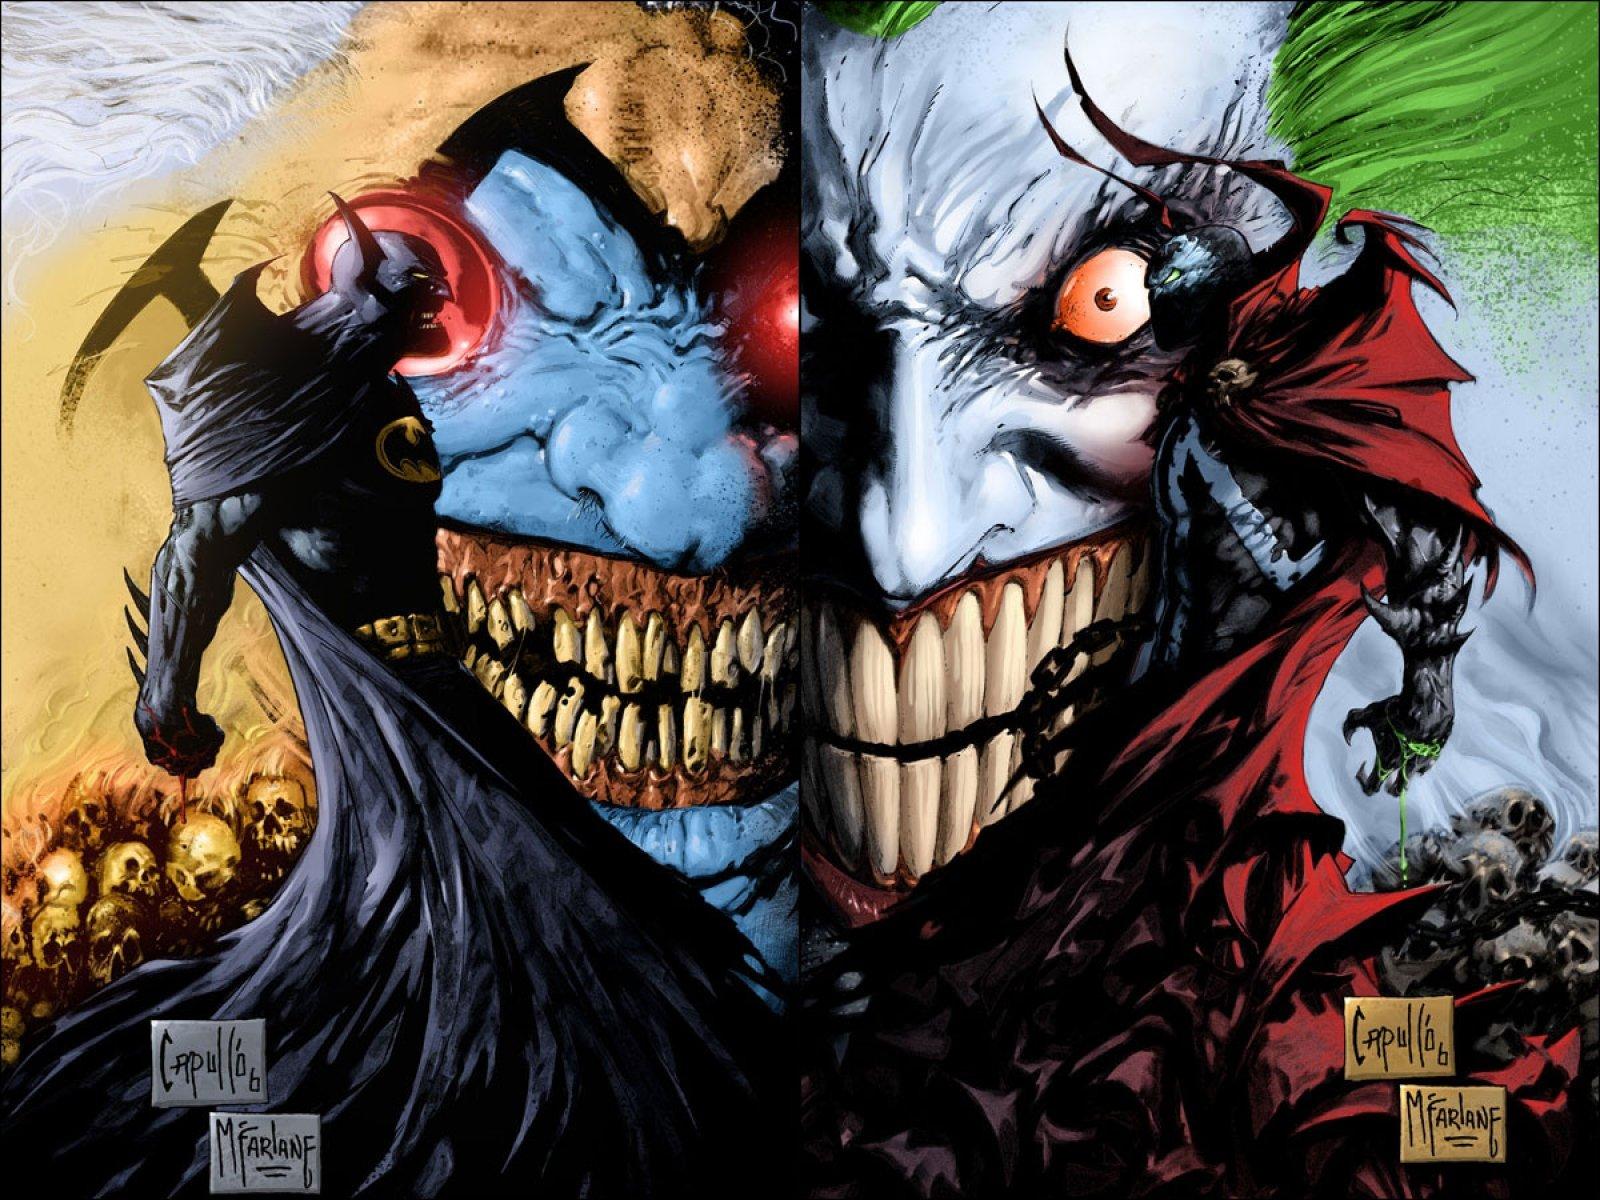 Бэтмен герои комиксов Джокер  № 3922504 загрузить